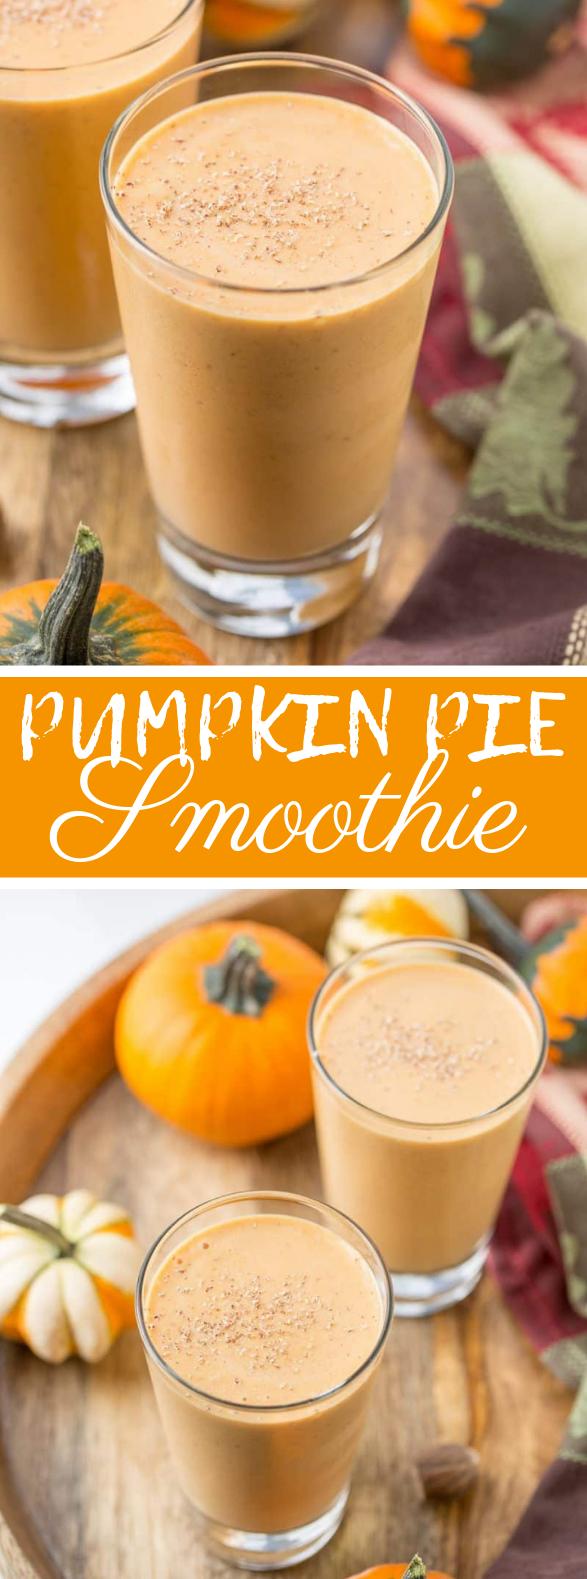 Pumpkin Pie Smoothie #drinks #goodie